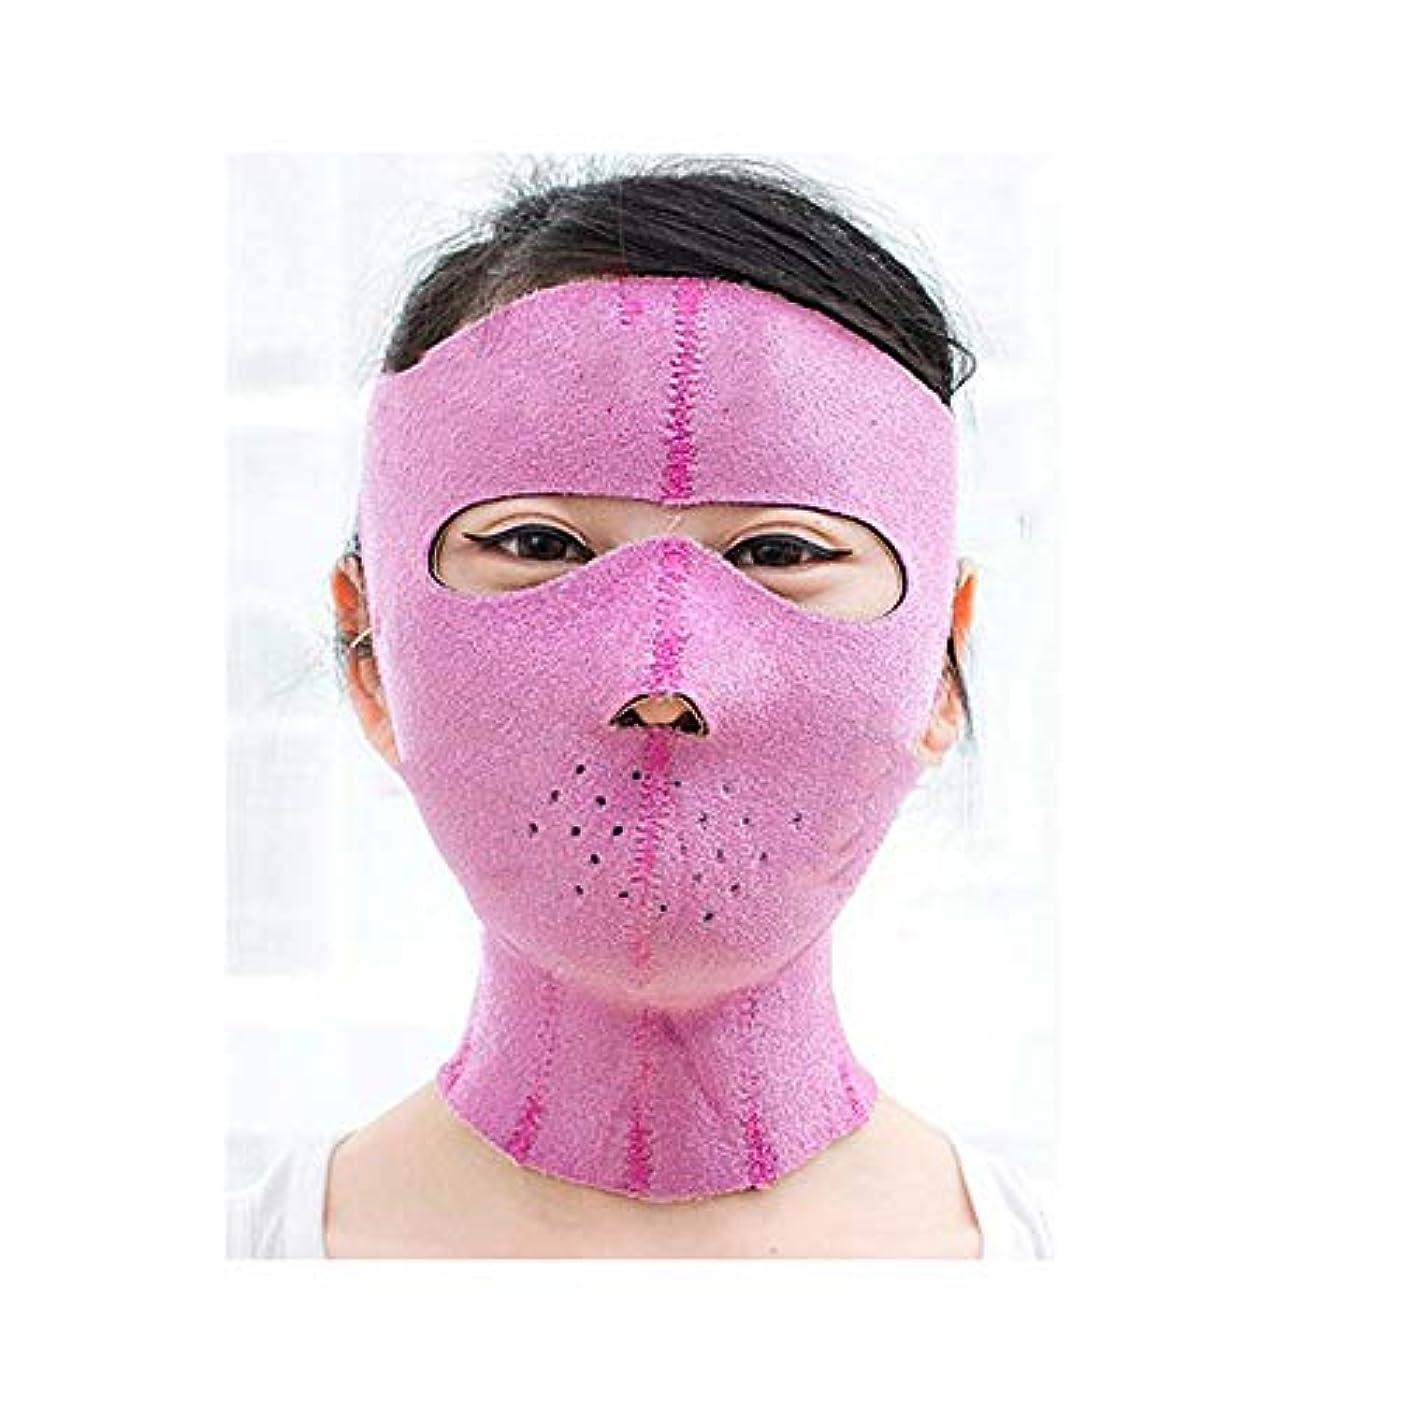 重要な役割を果たす、中心的な手段となる乱れ徐々にフェイスリフティングサウナマスク、ウィッキングフェイス包帯/スモールフェイスアーチファクト/フェイスマスク(ピンク)